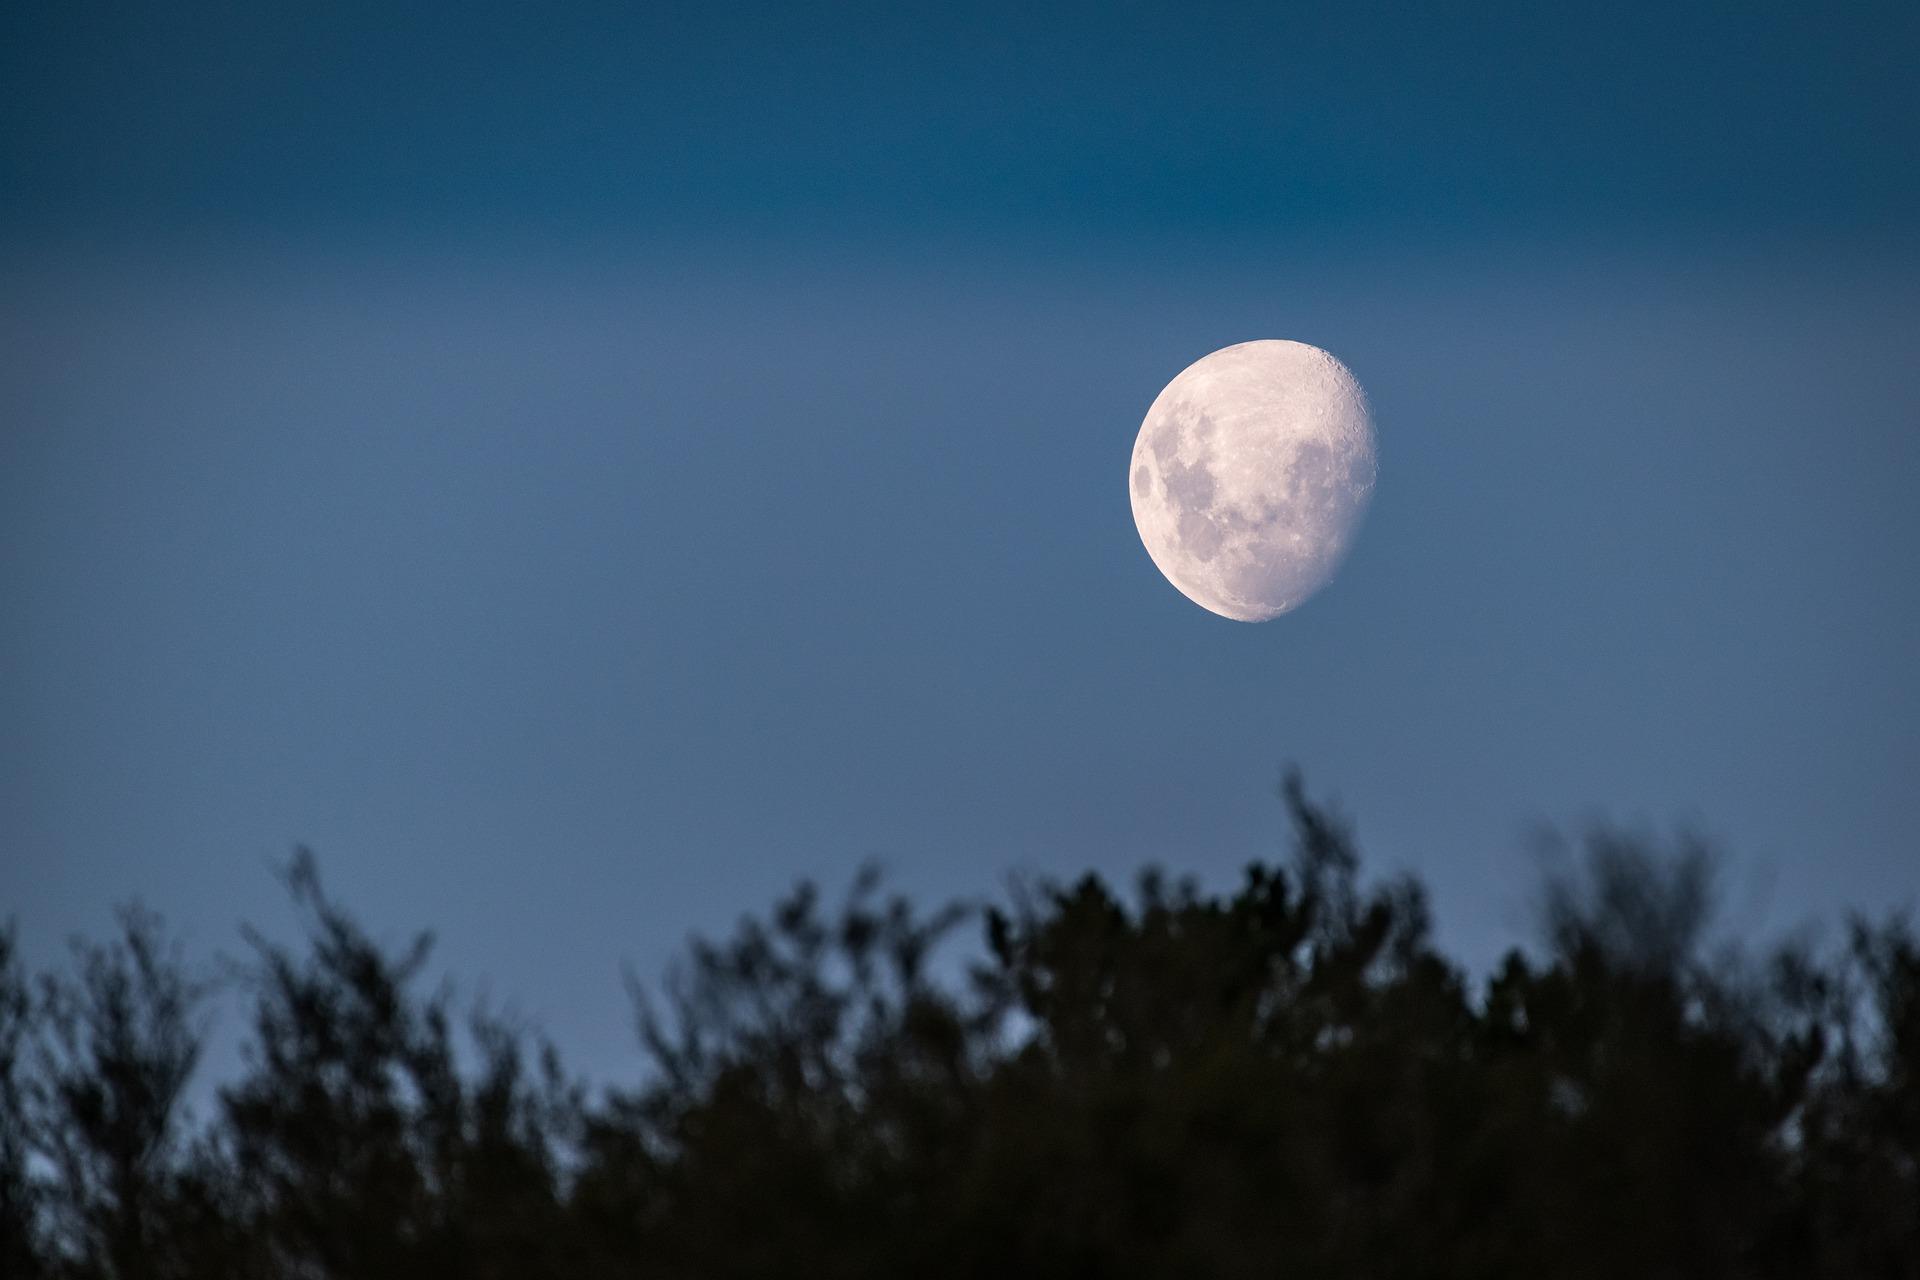 La luna sarà protagonista della serata del 26 settembre al parco delle Valli